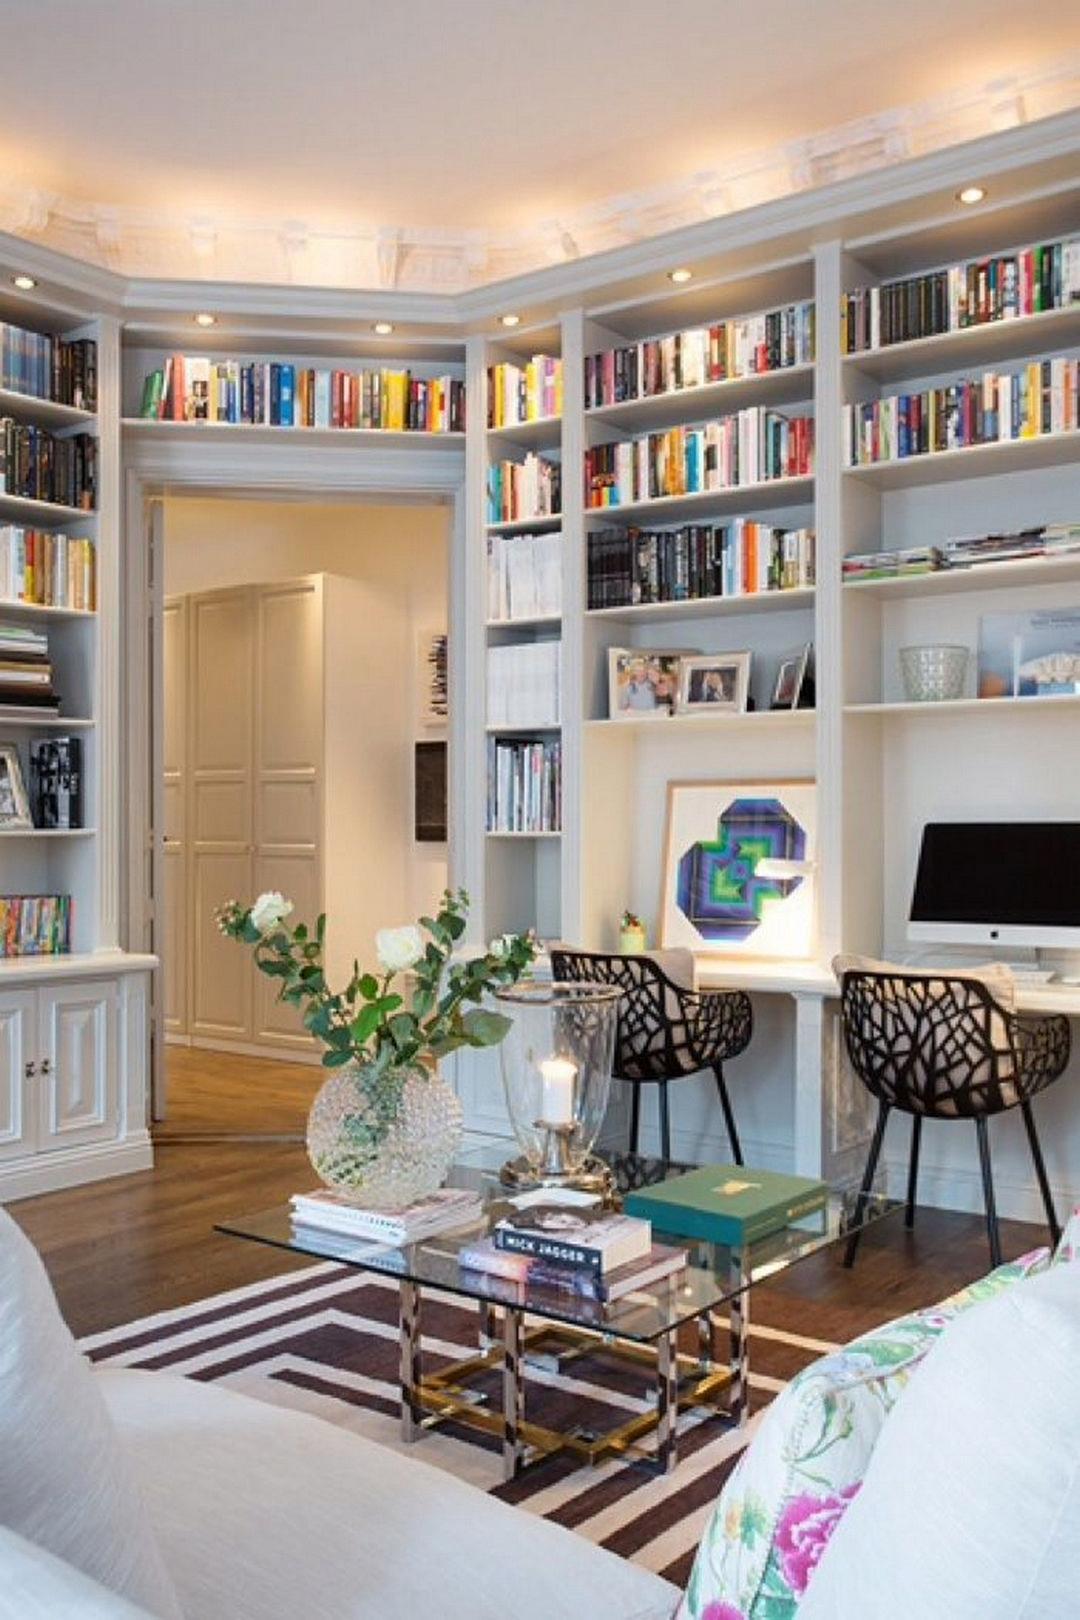 81 Cozy Home Liry Interior Ideas   Cozy, Interiors and Built ins